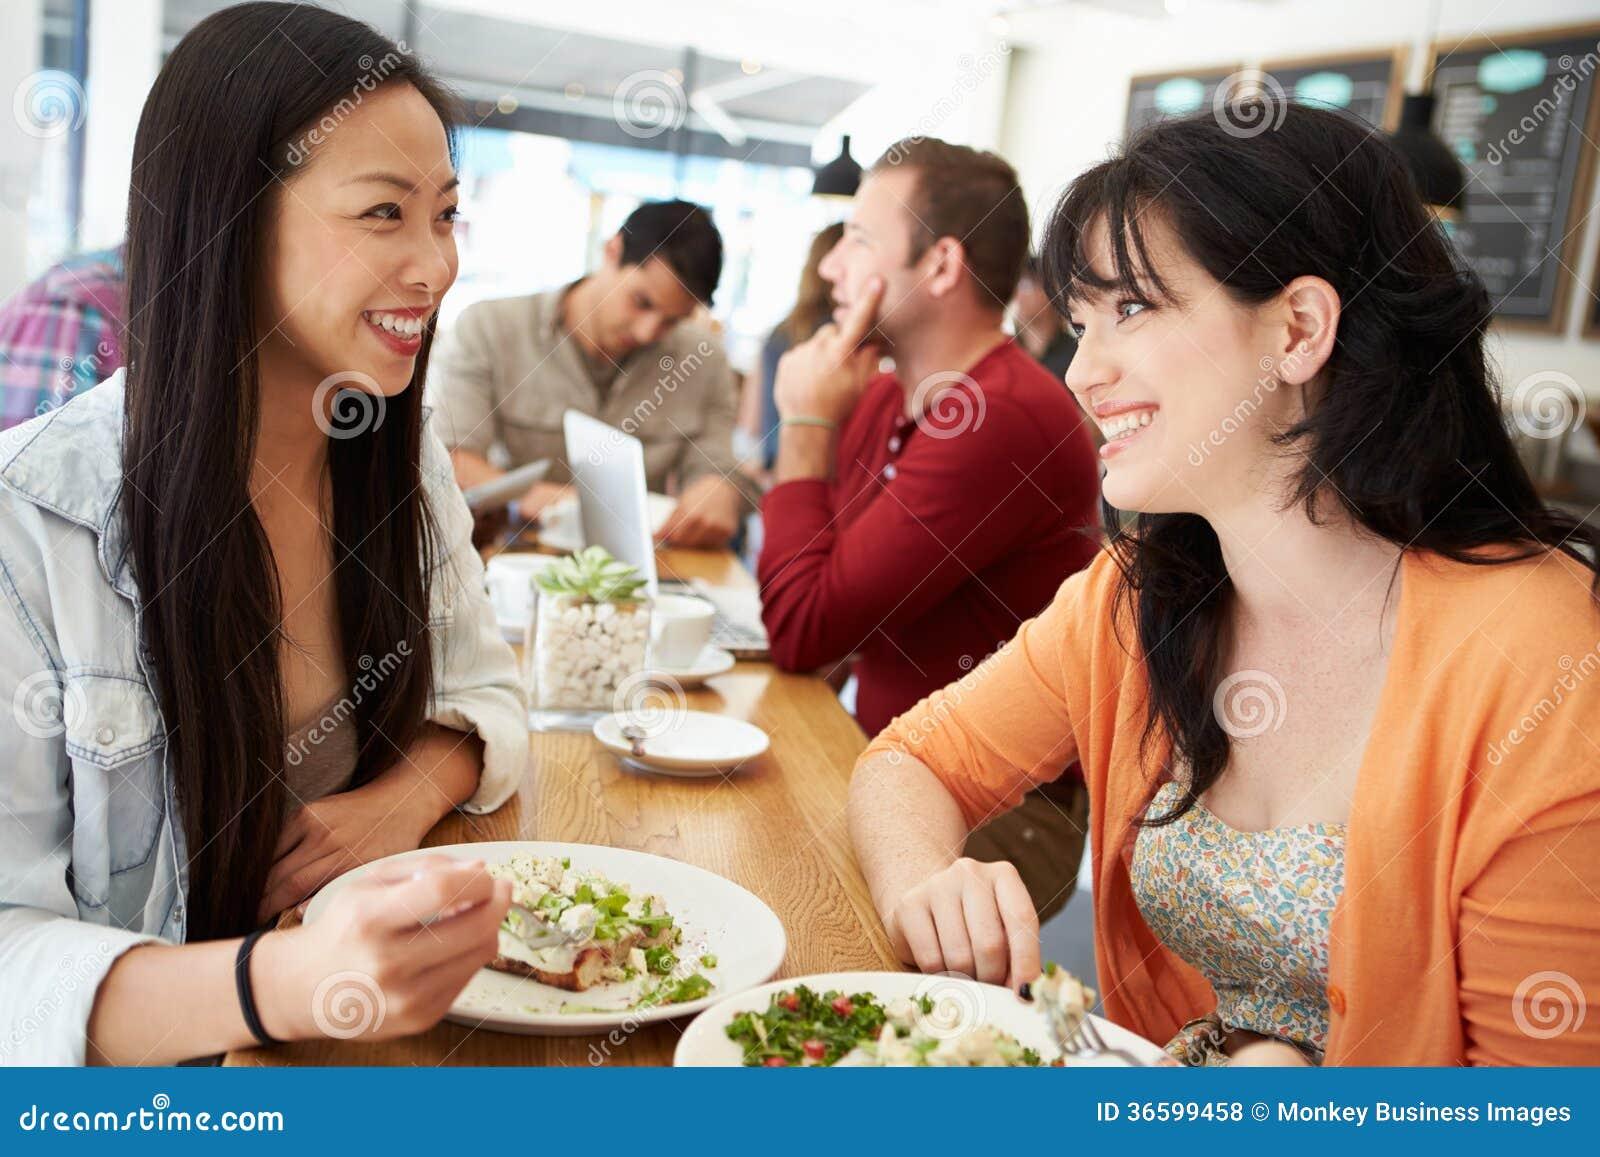 spotyka się z dziewczyną z wieloma męskimi przyjaciółmi